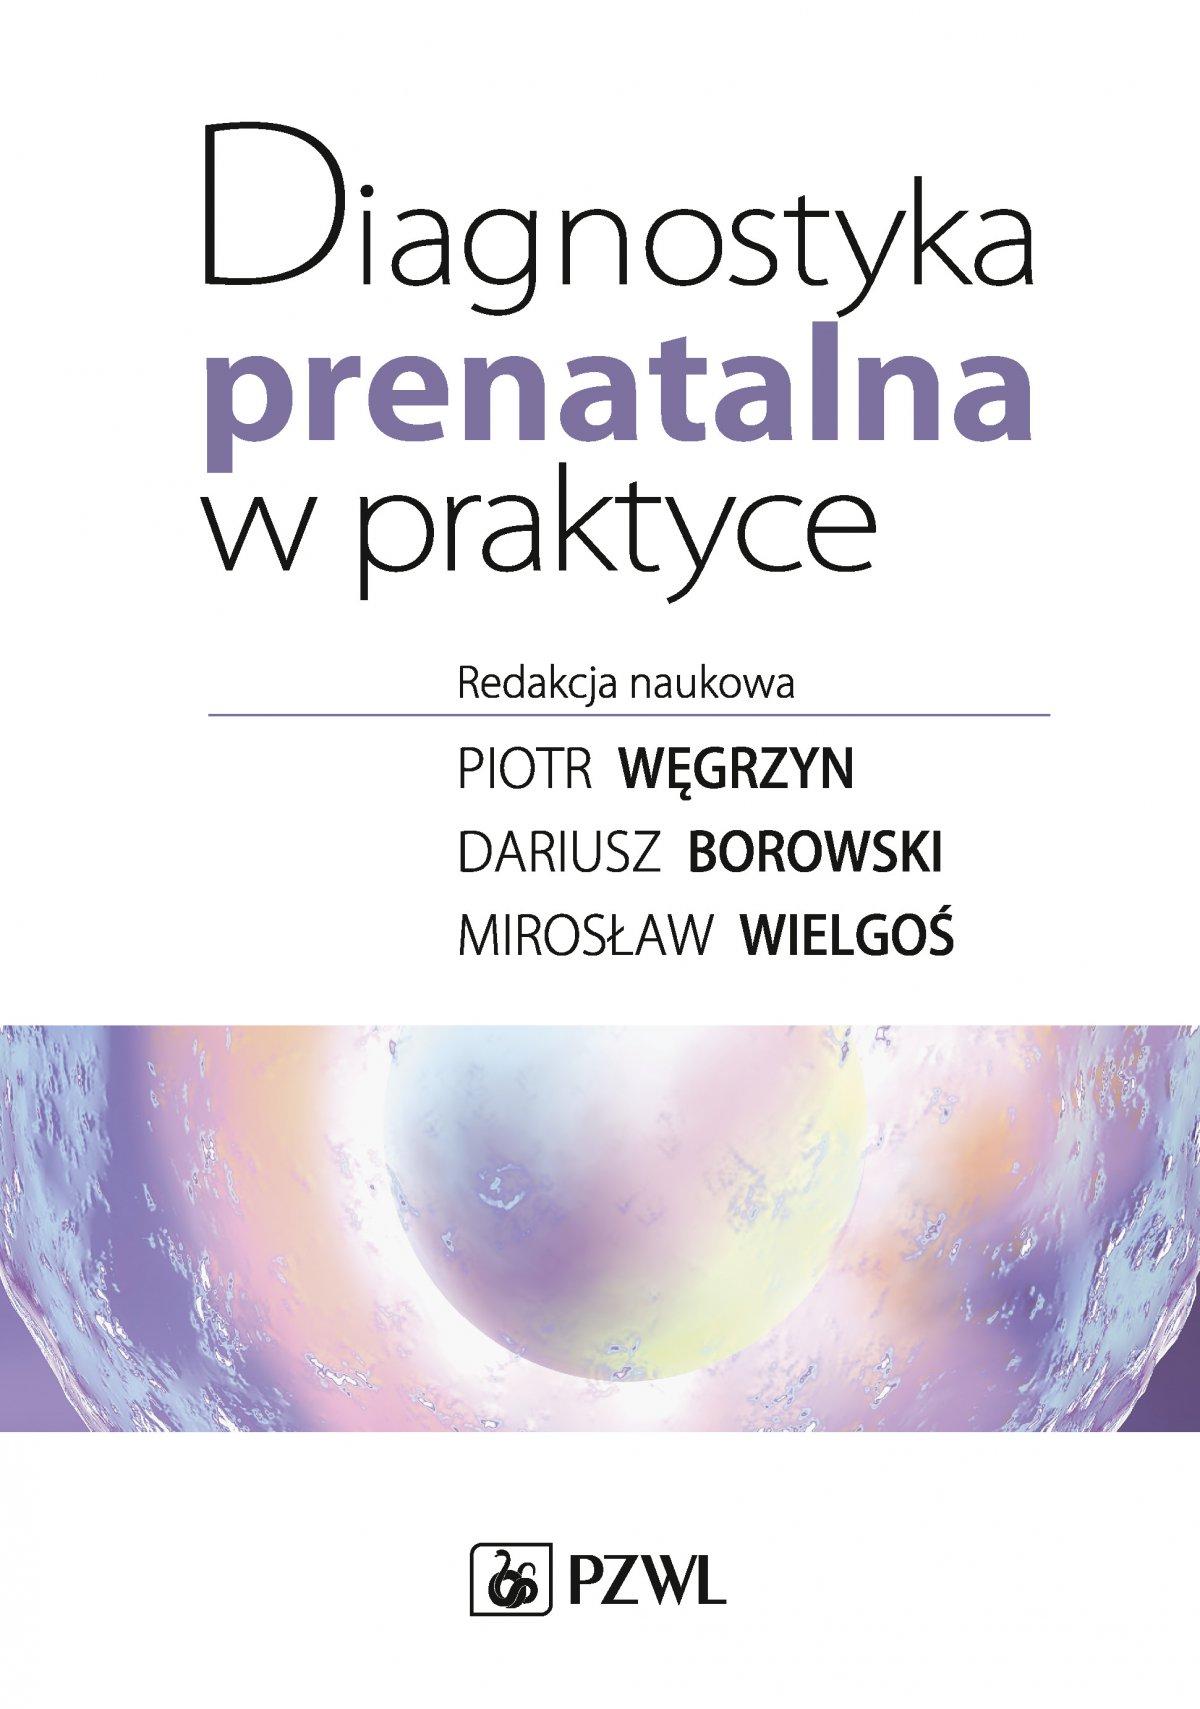 Diagnostyka prenatalna w praktyce - Ebook (Książka EPUB) do pobrania w formacie EPUB